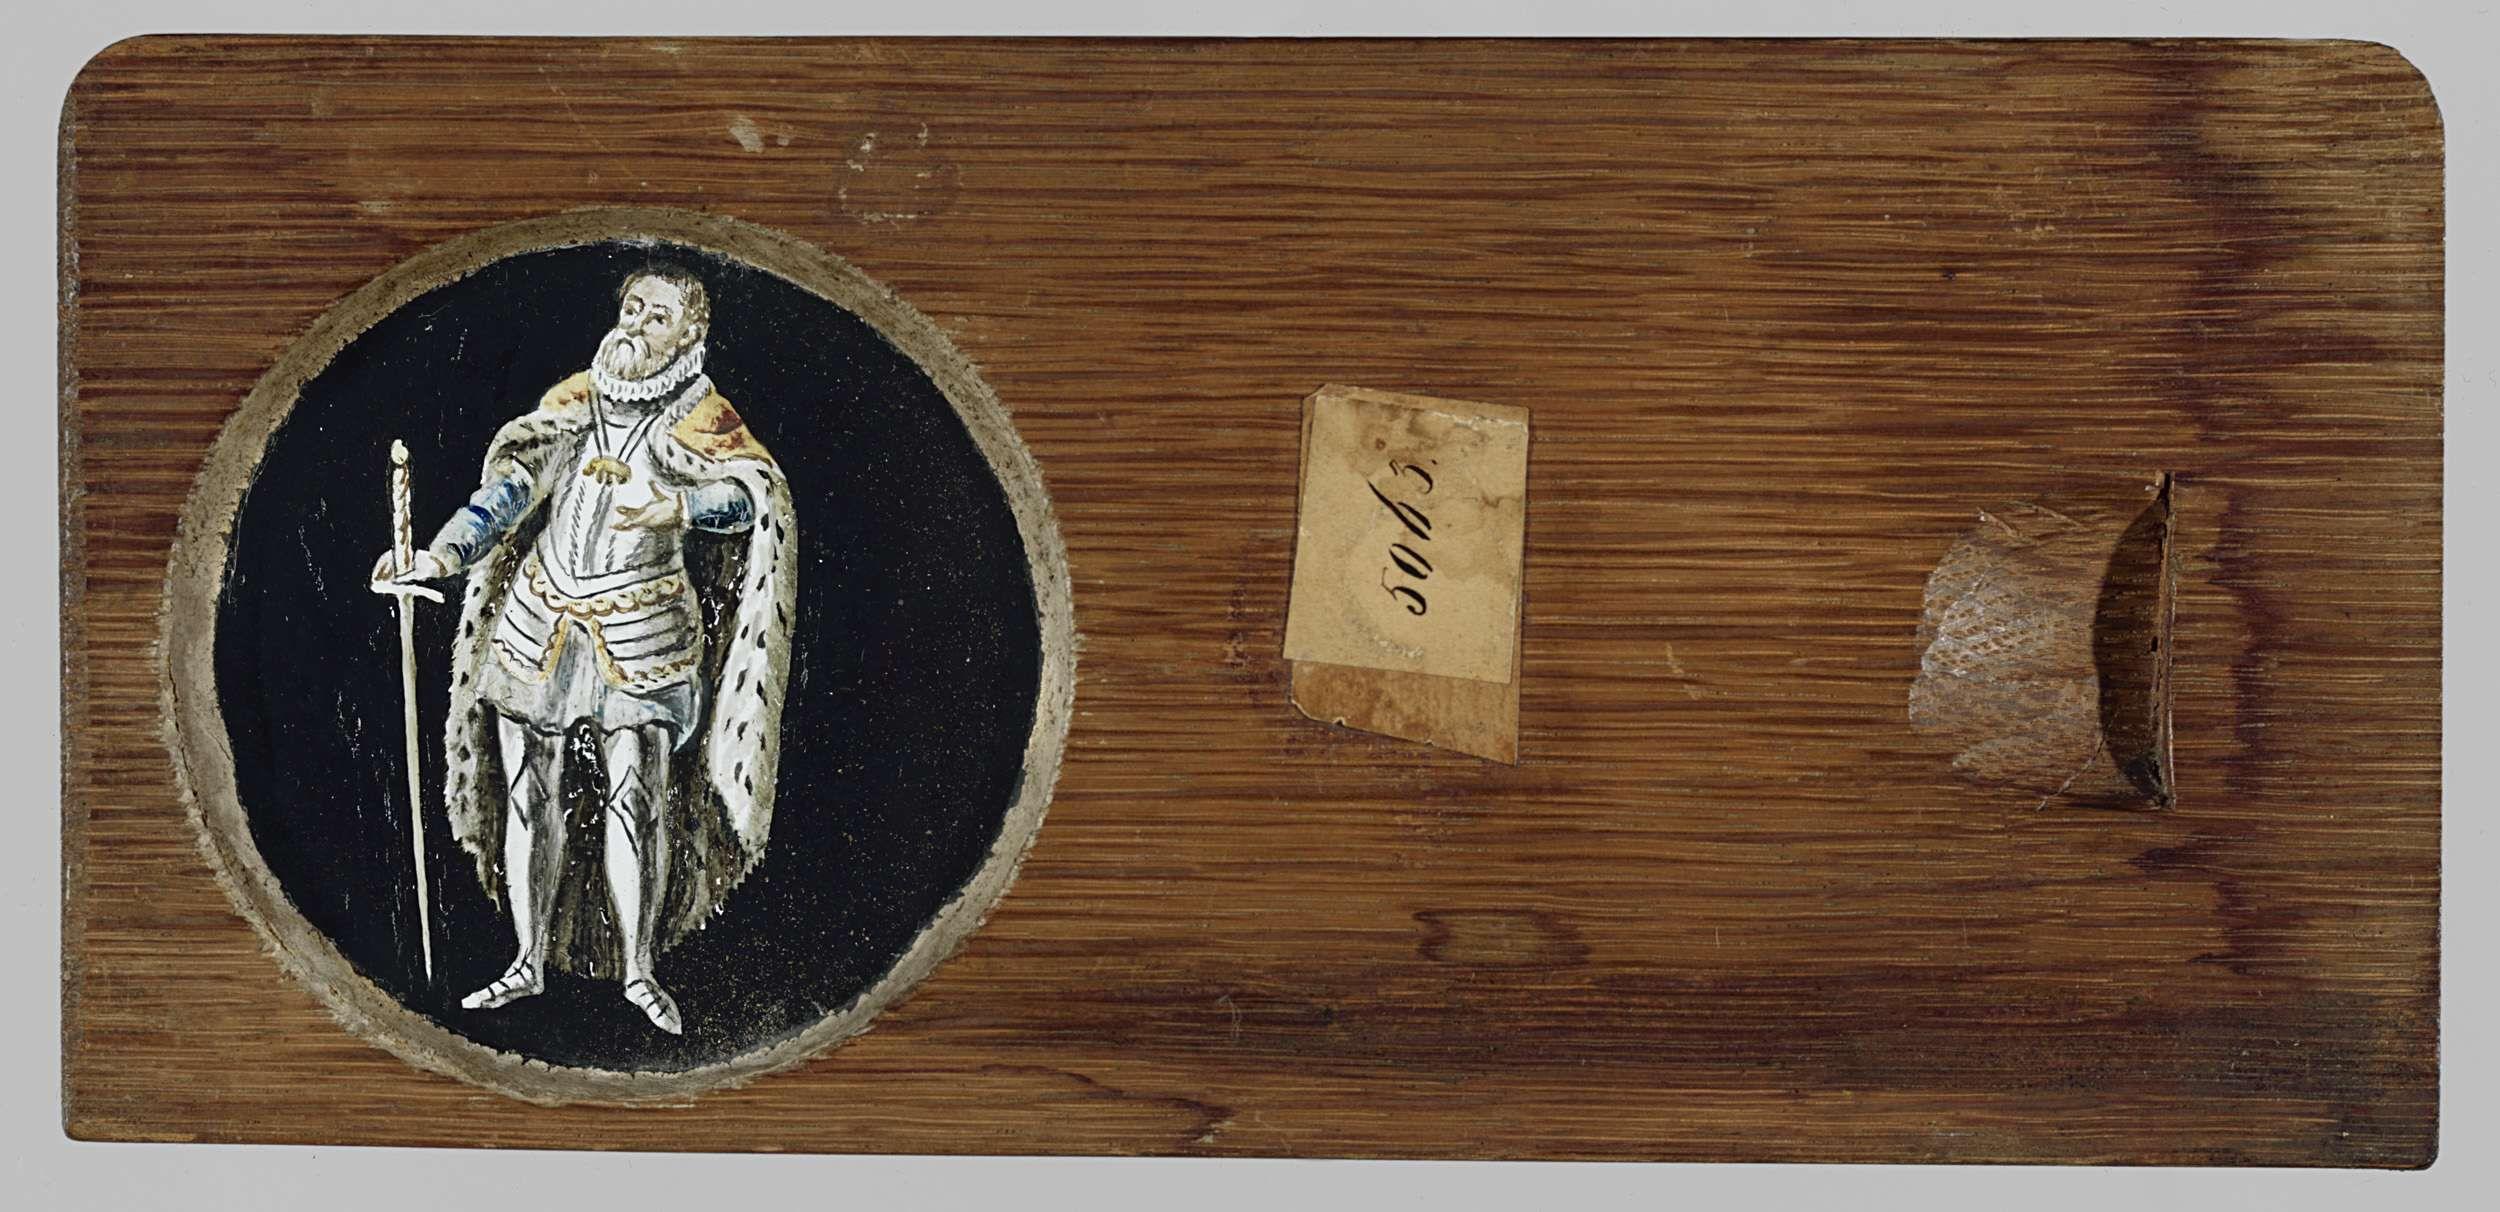 Anonymous | Portret met orde van Gulden Vlies, Anonymous, c. 1700 - c. 1790 | Glasplaat in houten vatting. Portret ten voeten uit van een koninklijk figuur met mantel en zwaard. Hij draagt een kleine molensteenkraag en de keten van de Orde van het Gulden Vlies.